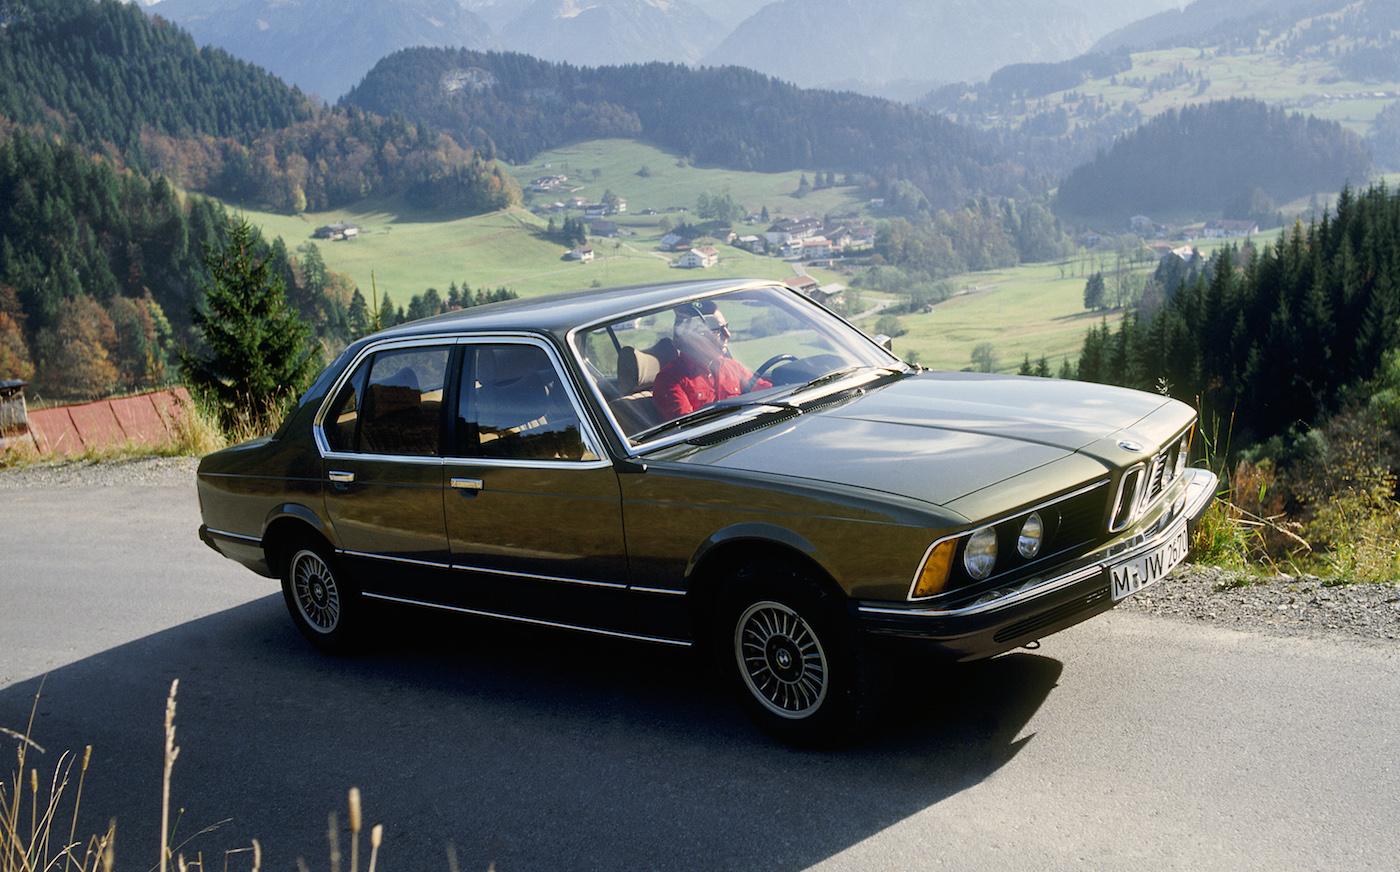 Mit dem BMW E23 kommt ein neues Oberklasse-Modell auf den Markt. Der erste 7er ist der direkte Nachfolger des BMW 2500 (E3).